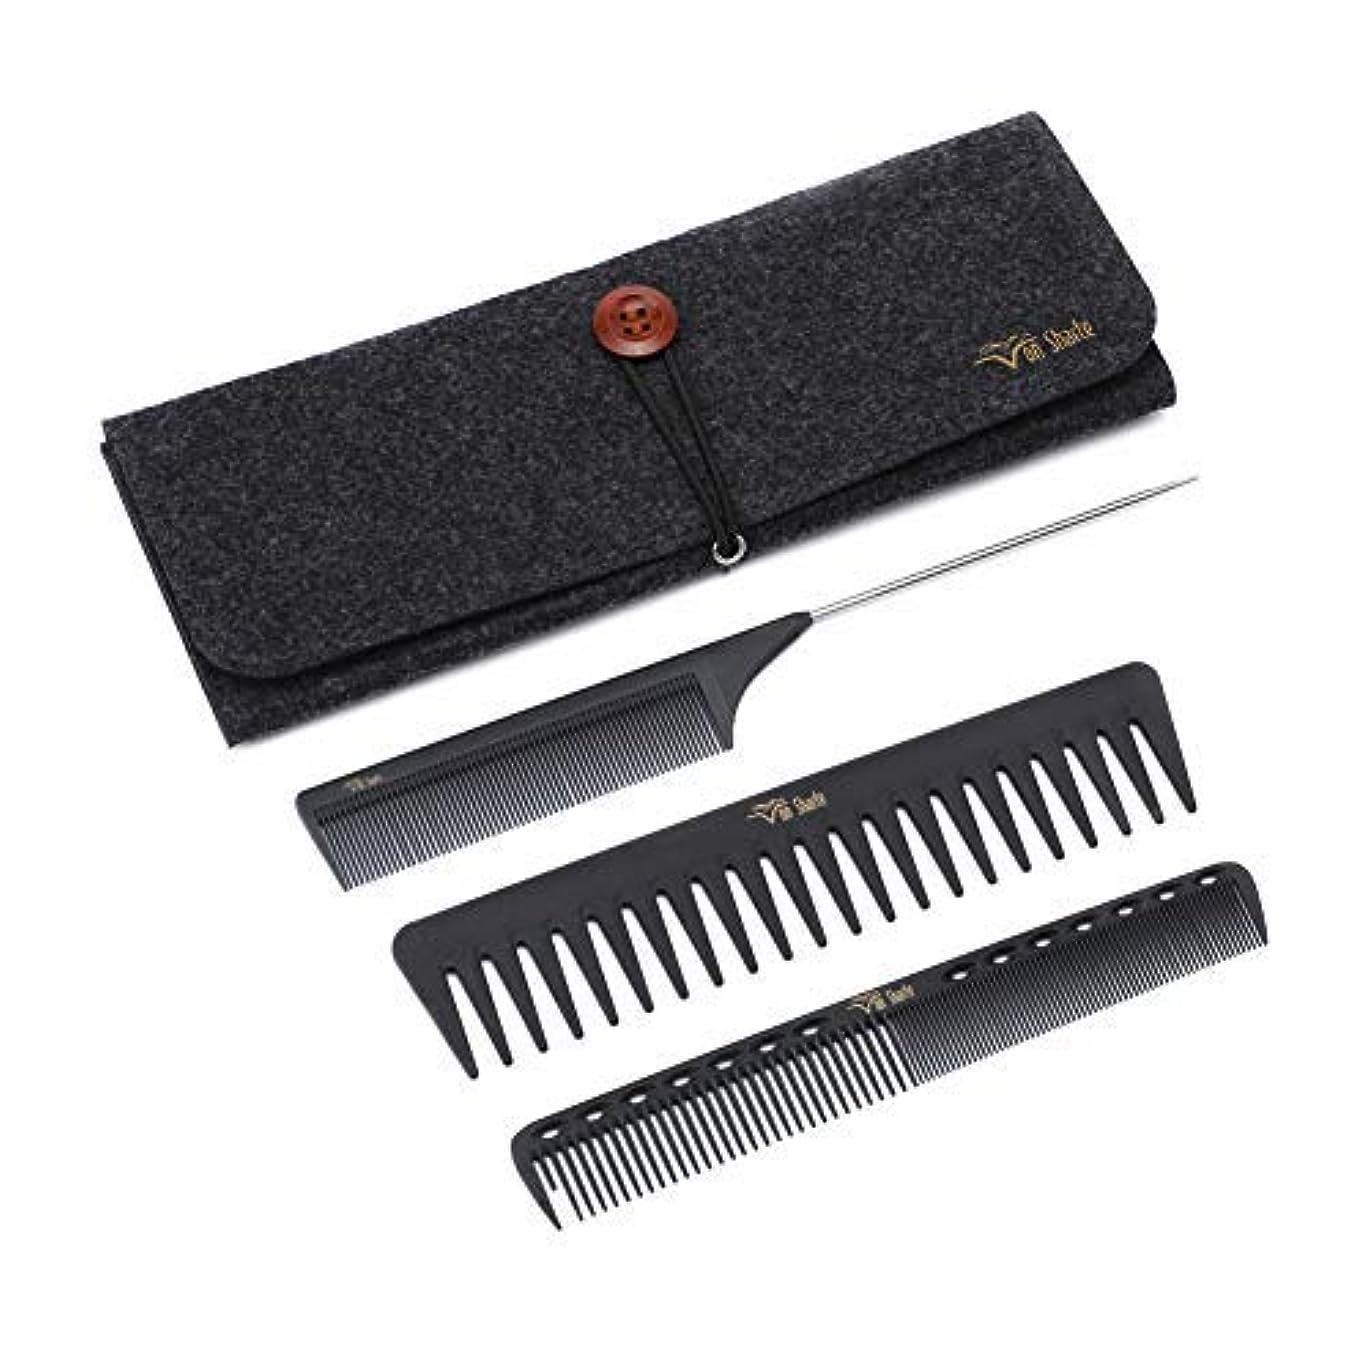 あなたのもの所有者ラビリンスStyling Comb Set,Hairdresser Barber Comb Cutting Hair Comb Carbon Fiber Wide Tooth Comb Metal Rat Pin Tail Comb...